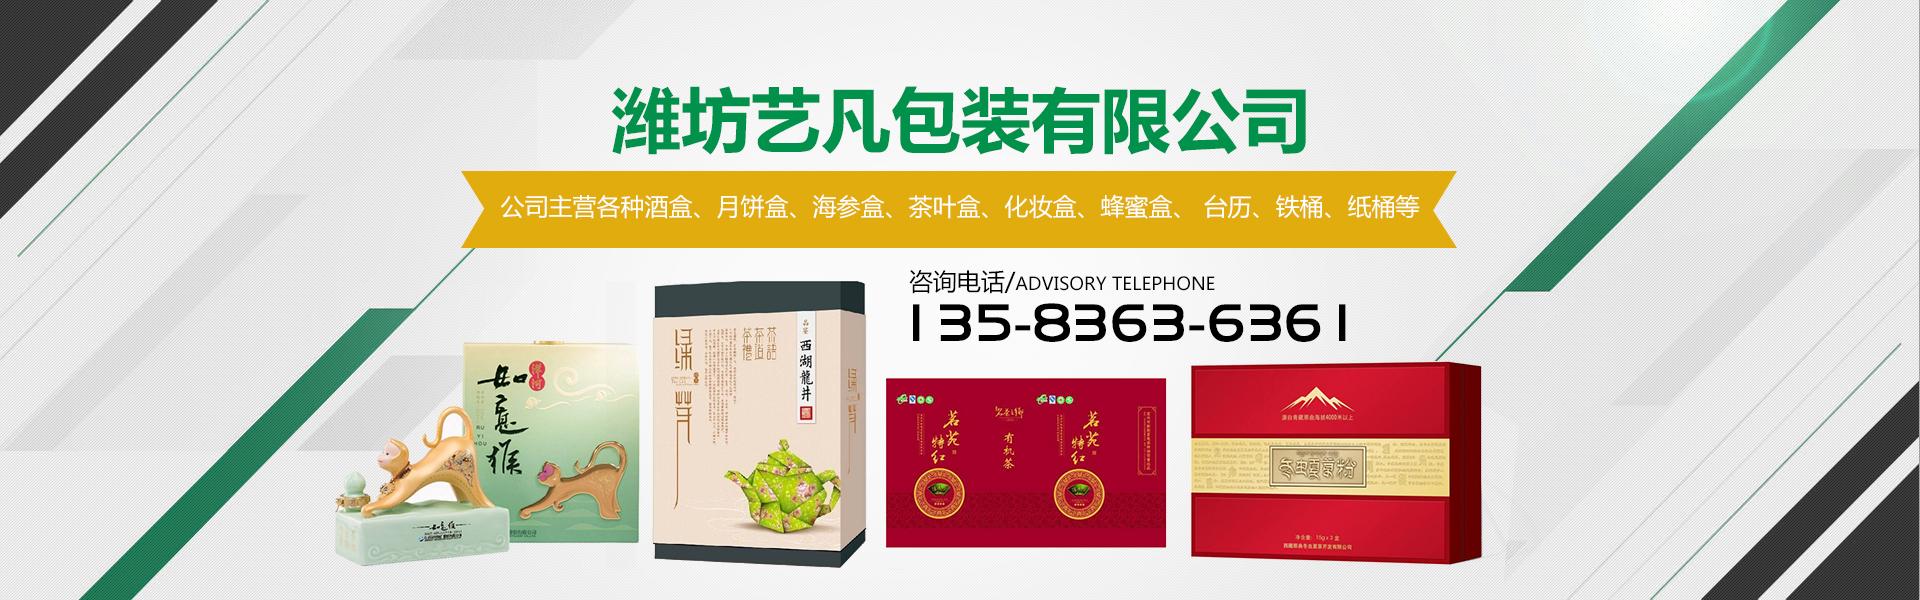 潍坊艺凡包装有限公司